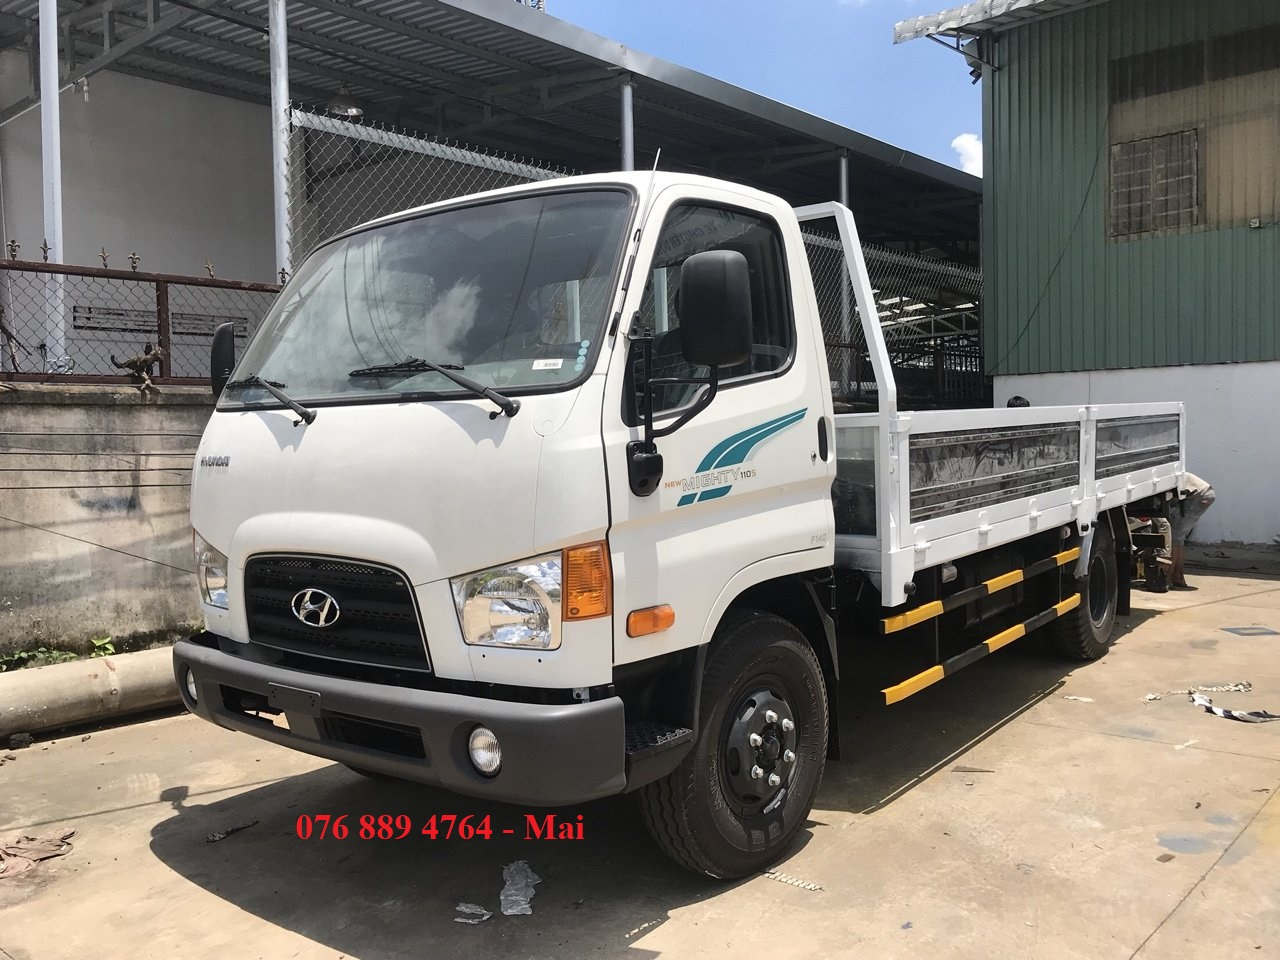 Bán Xe tải Hyundai 110S – 7 tấn – xe tốt, giá tốt